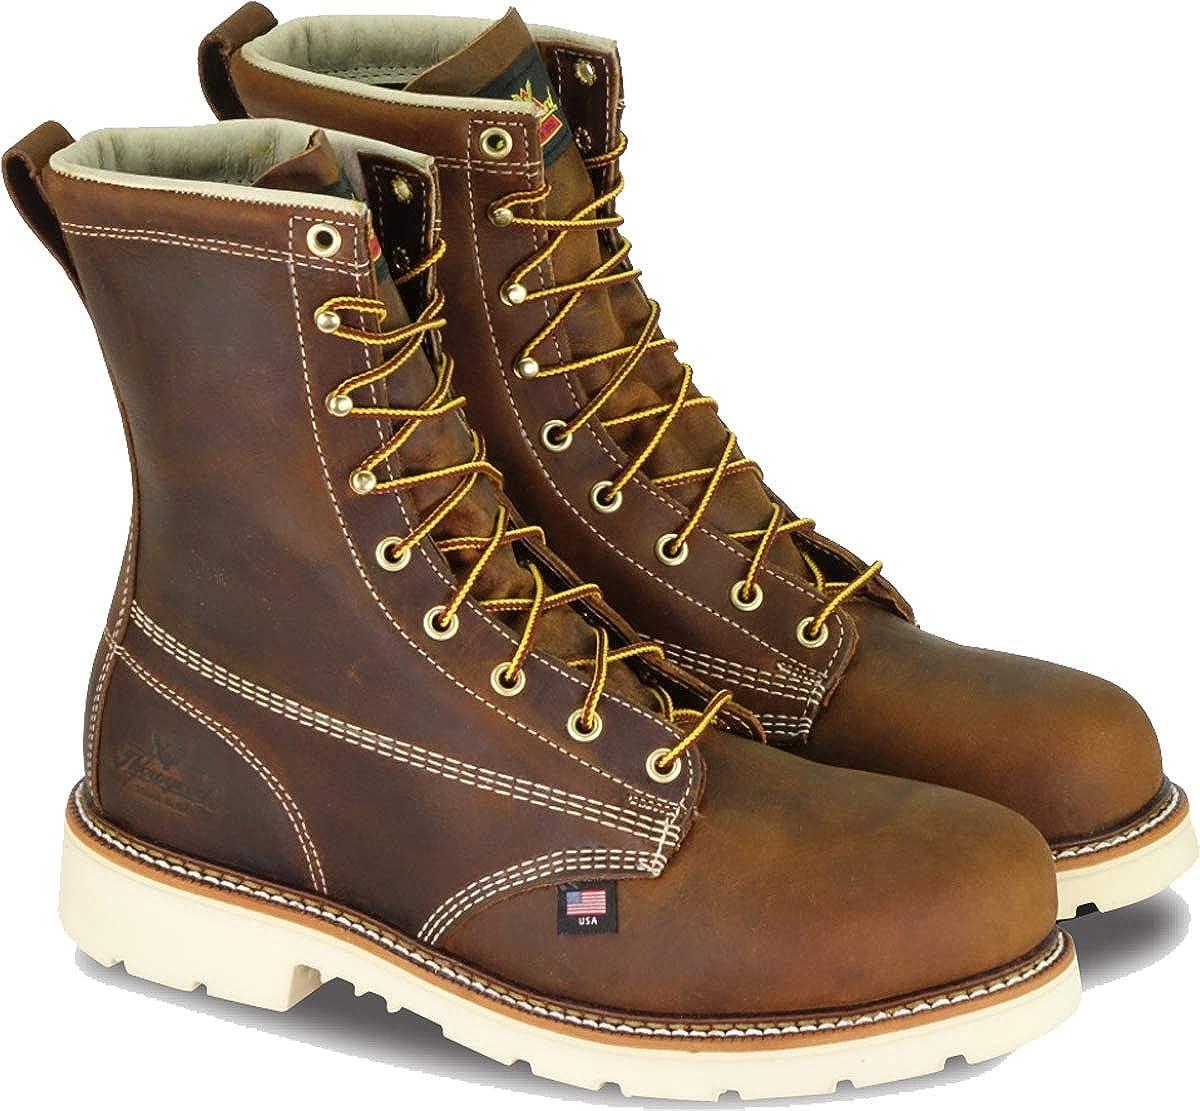 804 - 4379 Thorogood Botas de Seguridad para Hombre - marrón: Amazon.es: Zapatos y complementos